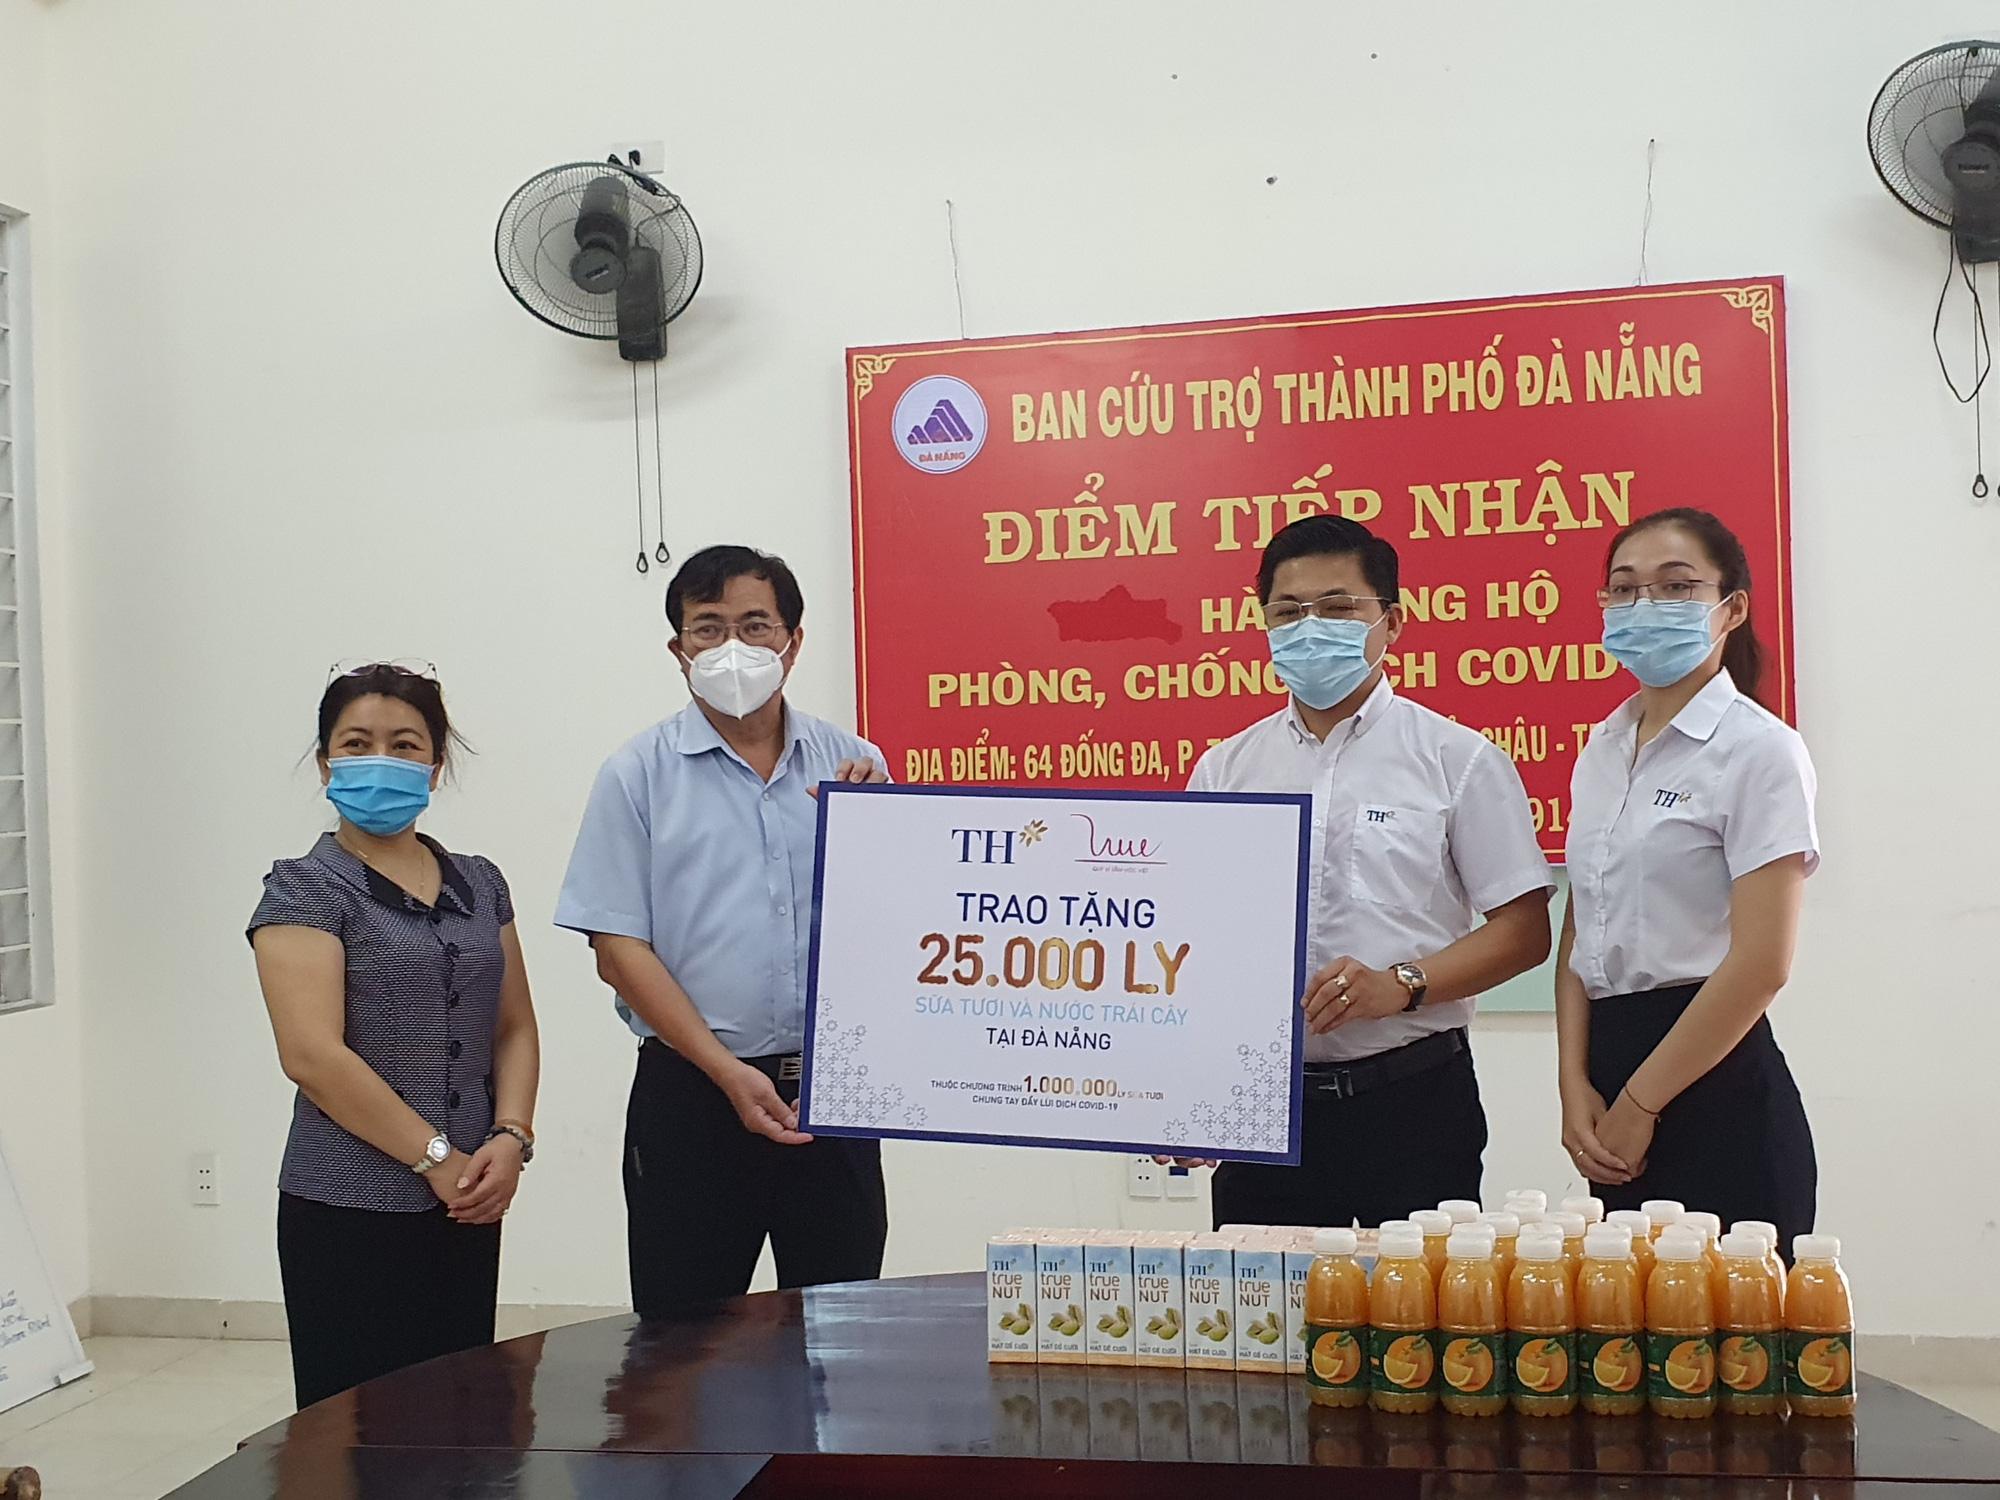 Tập đoàn TH trao 50.000 ly sữa tiếp sức cho phòng chống dịch Covid-19 tại Đà Nẵng, Quảng Nam - Ảnh 2.